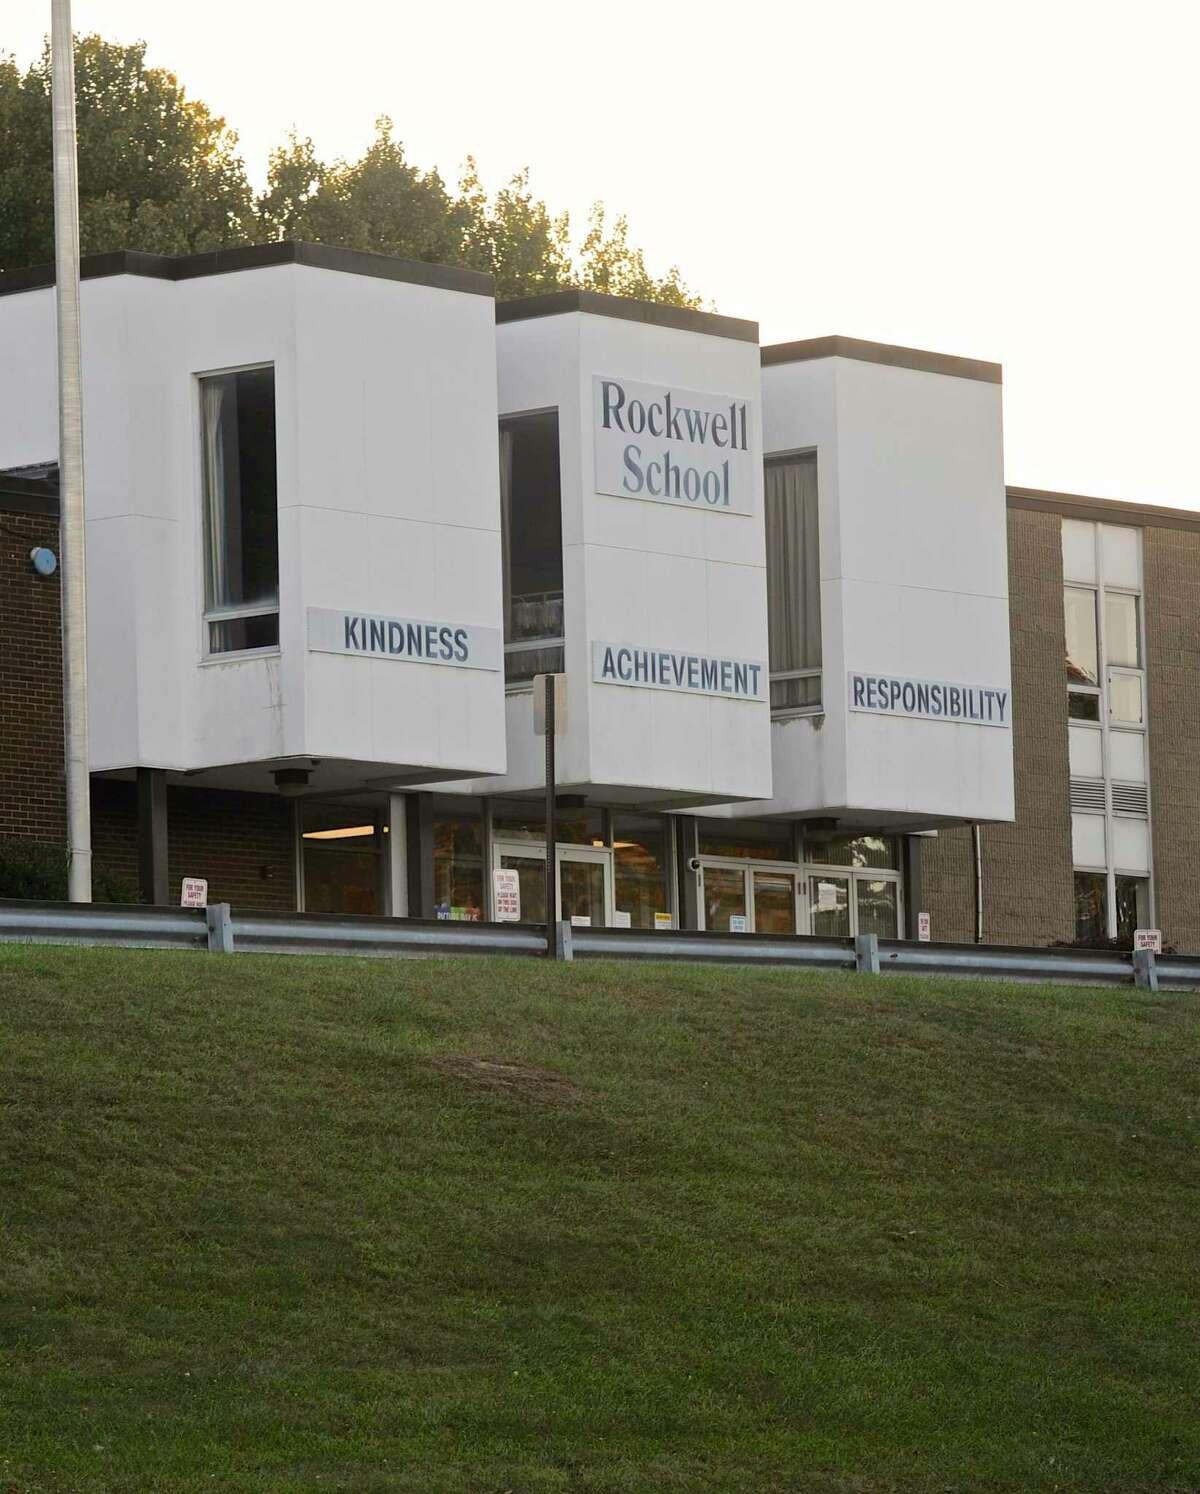 Rockwell School, Wednesday, October 5, 2016, in Bethel, Conn.